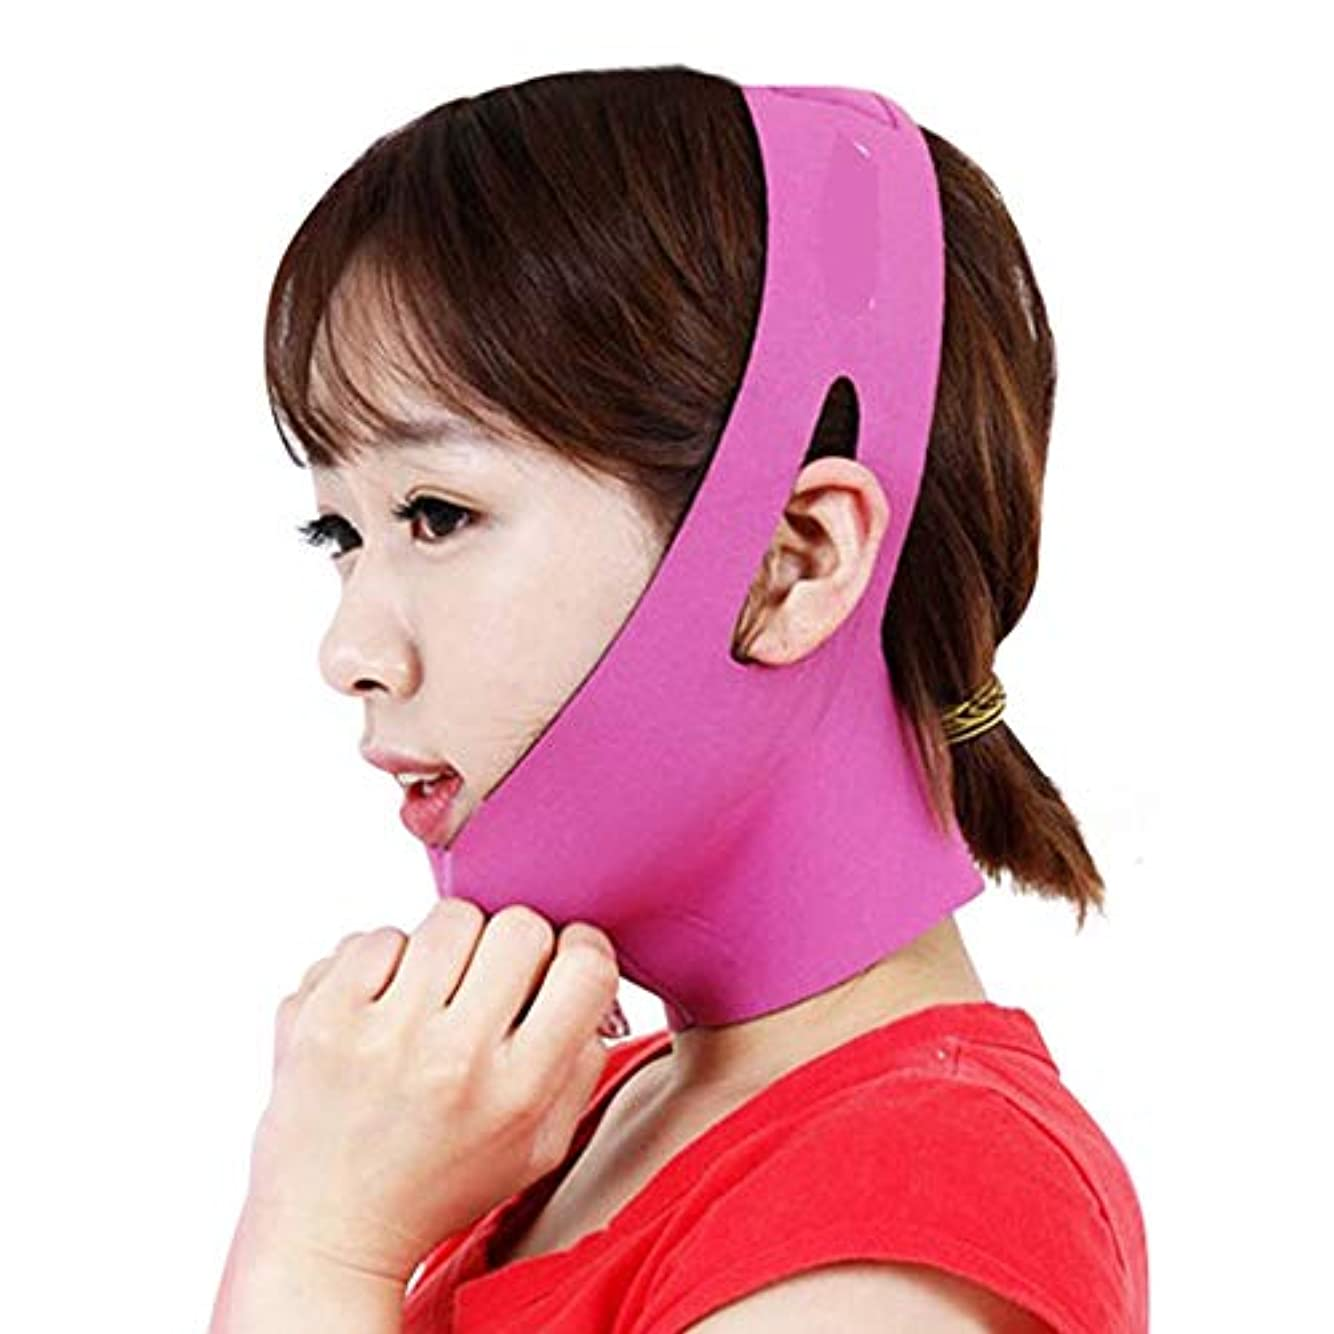 スマートスキーム会議Jia Jia- フェイシャルリフティング痩身ベルト圧縮二重あご減量ベルトスキンケア薄い顔包帯二重あごワークアウト 顔面包帯 (色 : ピンク)